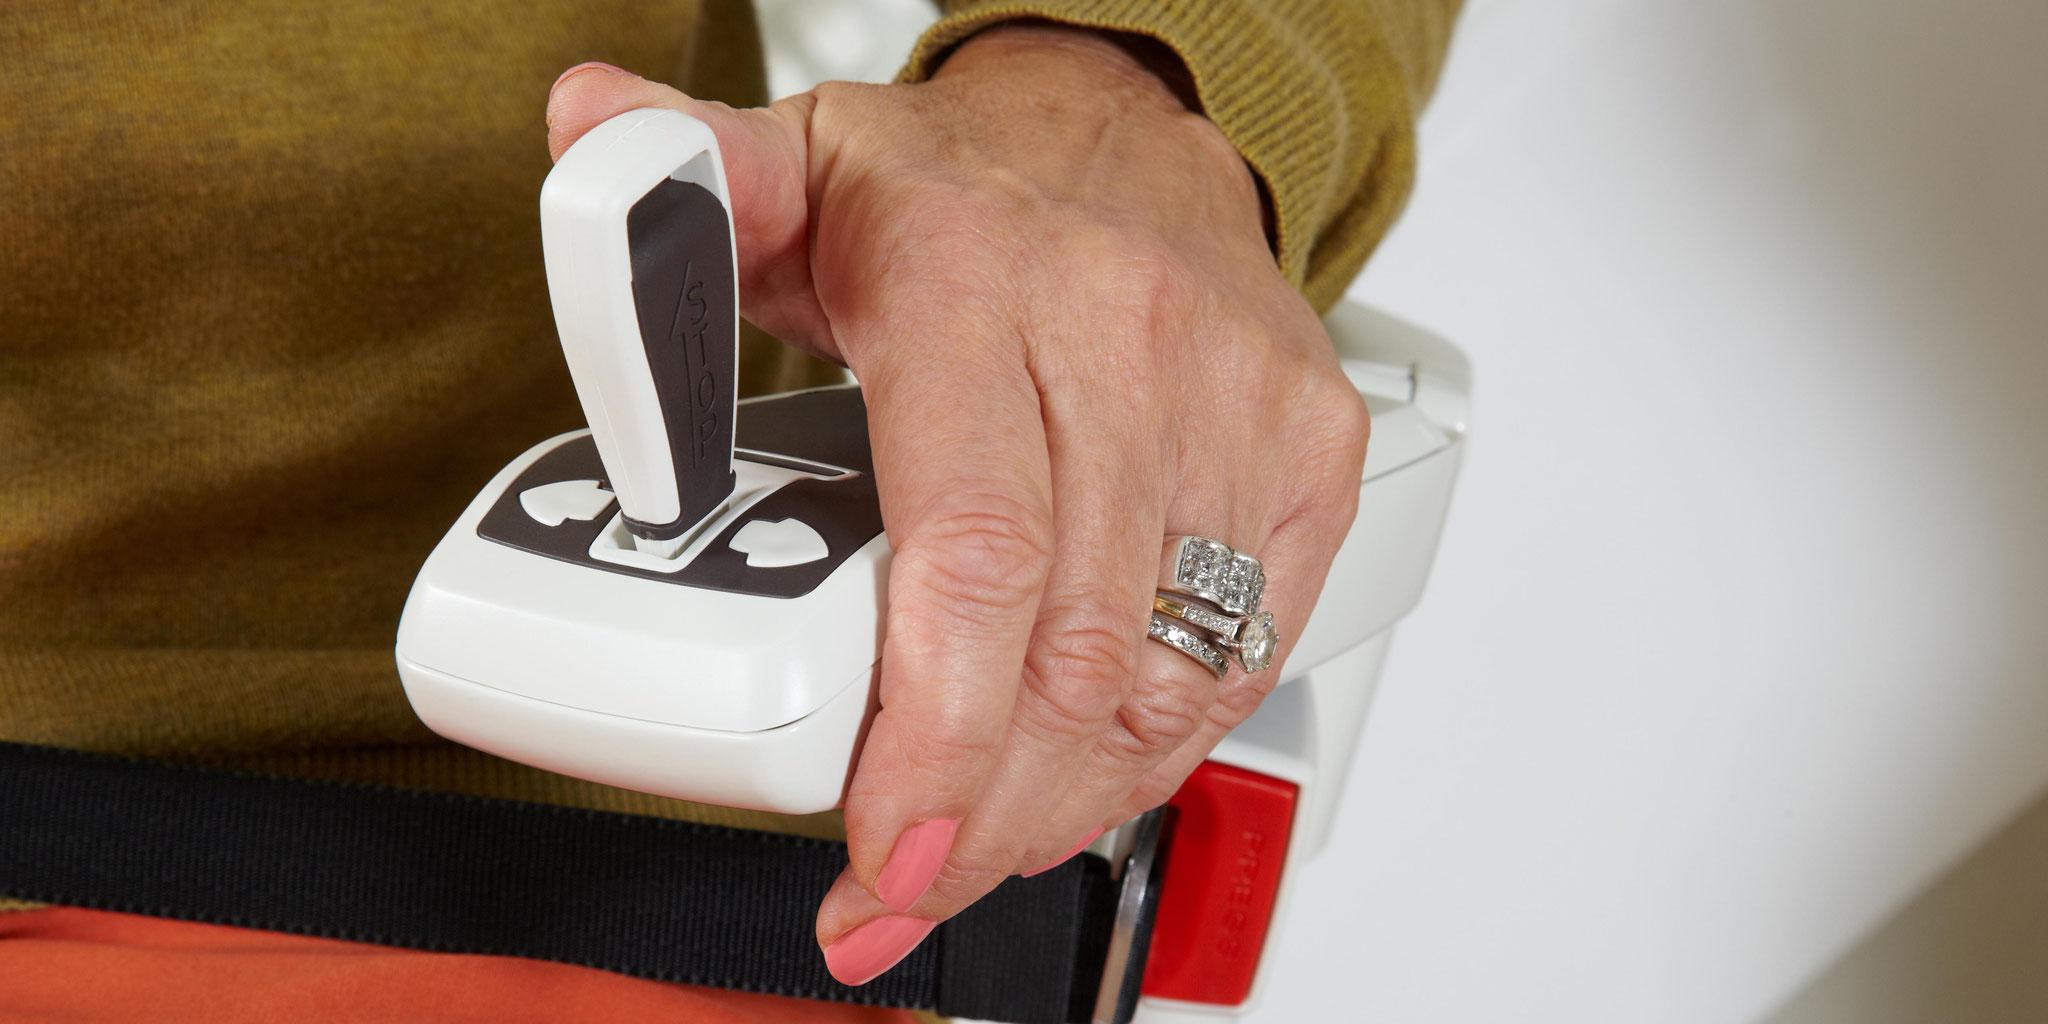 Harzlift bietet Ihnen eine kostenfreie und unverbindliche Beratung in Hasselfelde, sowohl am Telefon als auch zu Hause bei Ihnen.